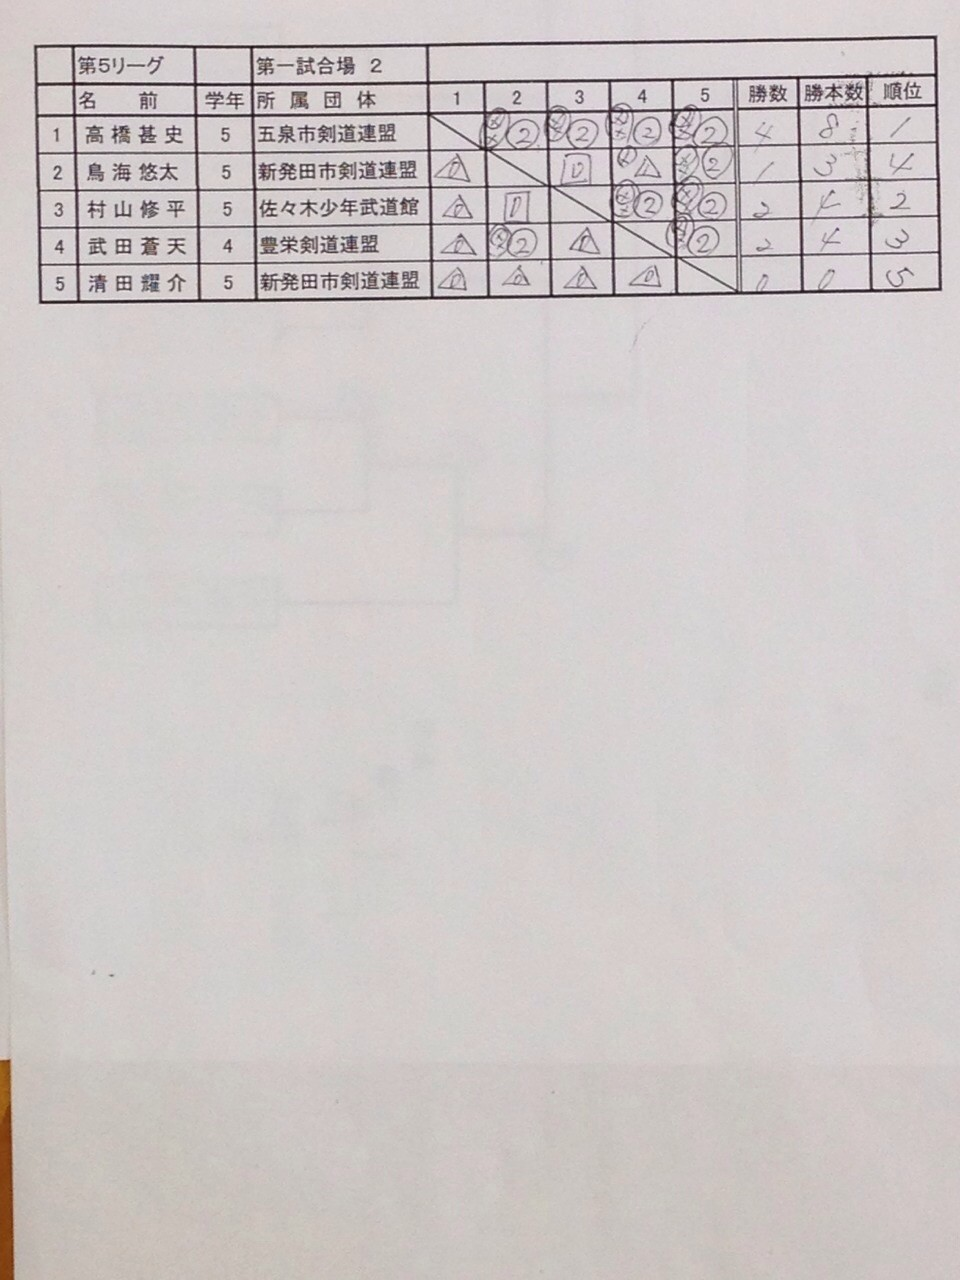 平成26年度全日本都道府県対抗少年剣道優勝大会 下越地区候補選手選考会